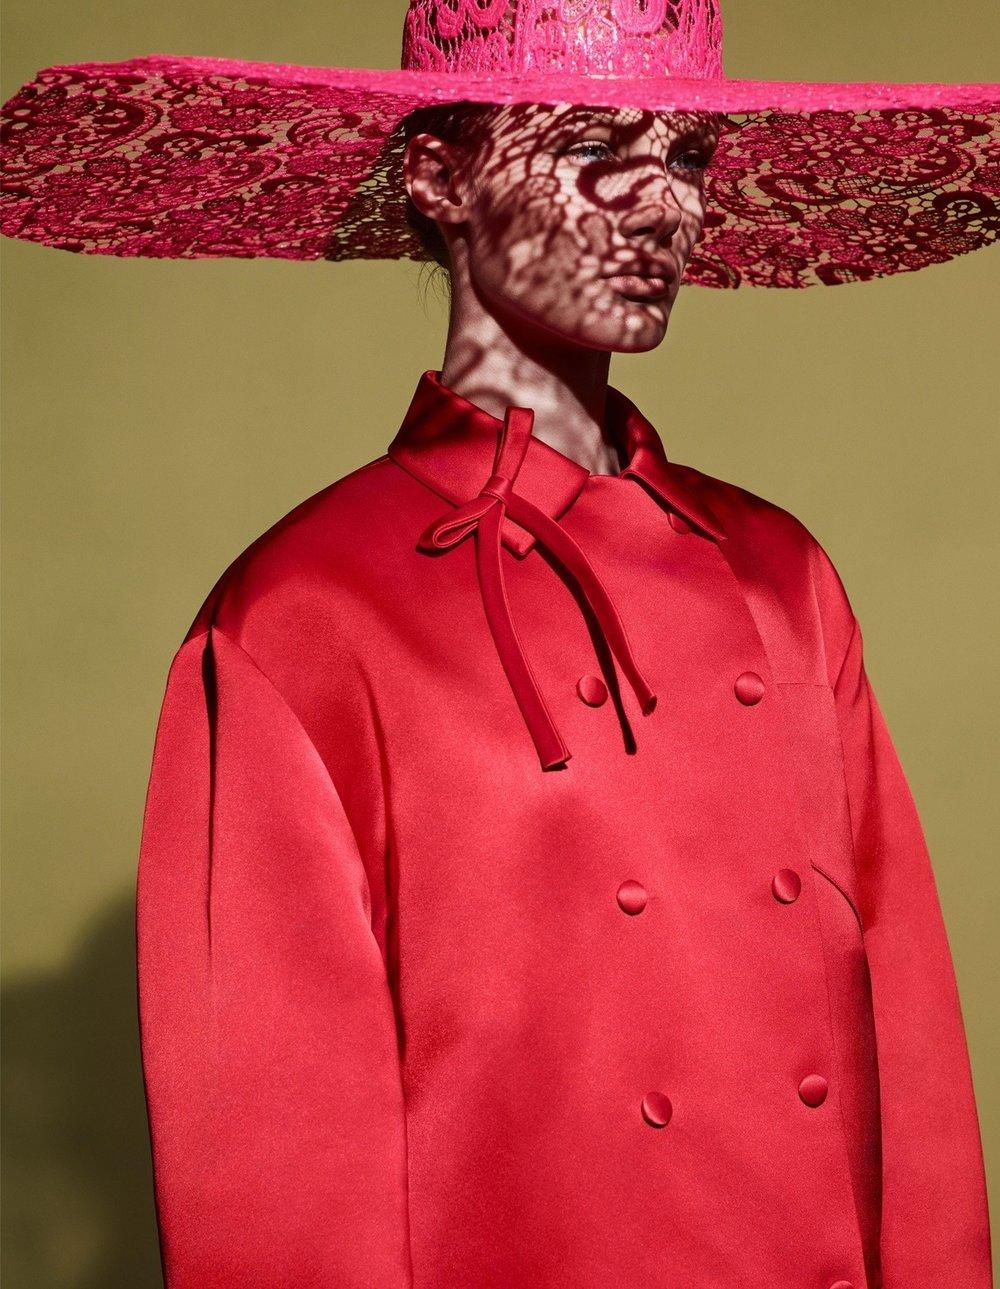 Kris Grikaite by Solve Sundsbo for Vogue China Jan 2019 (8).jpg